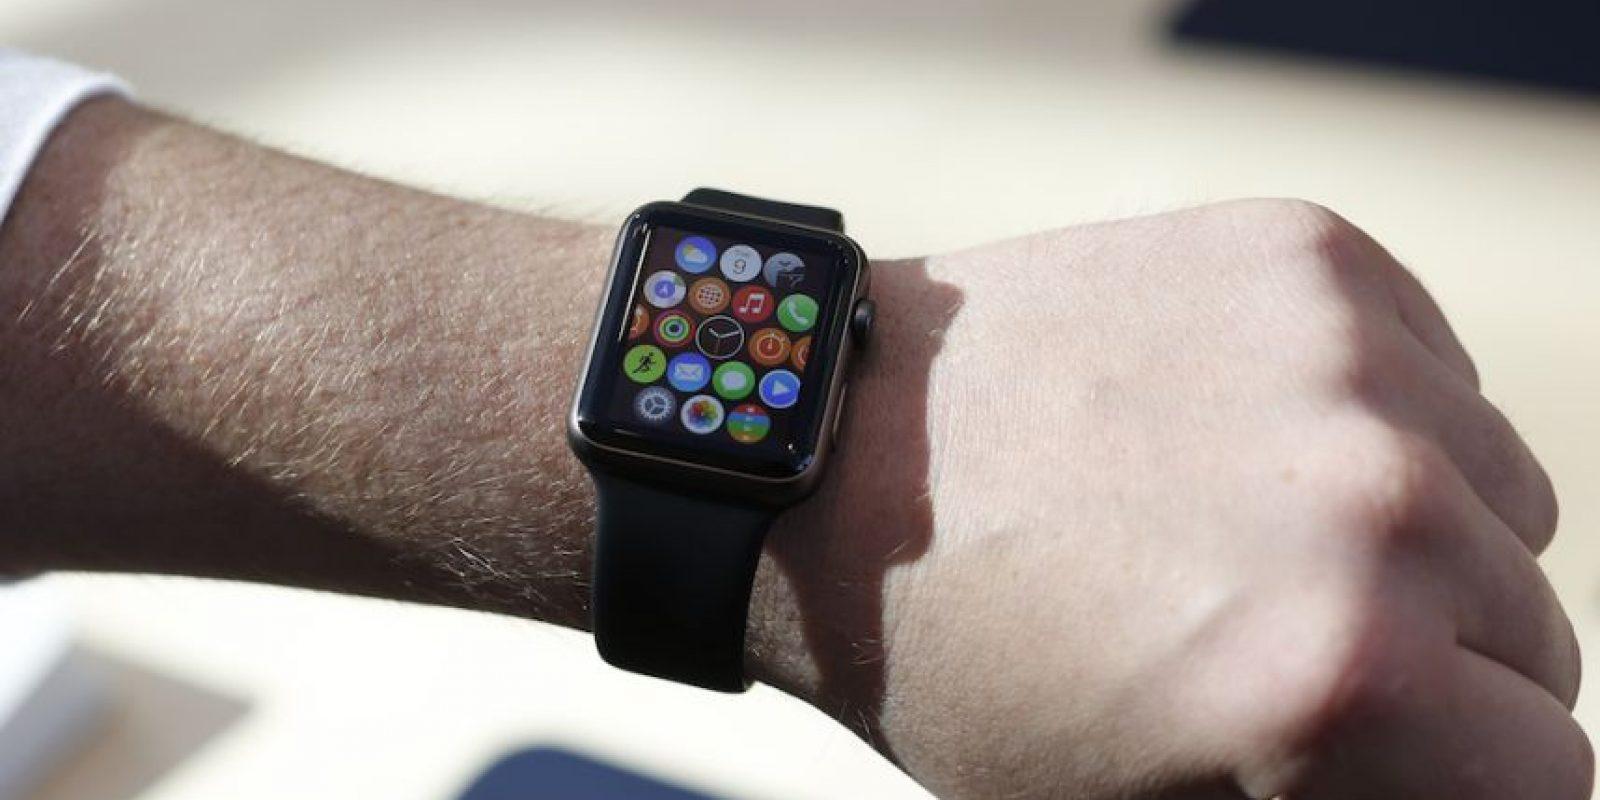 La preventa del reloj comenzó el pasado 10 de abril. Foto:Getty Images